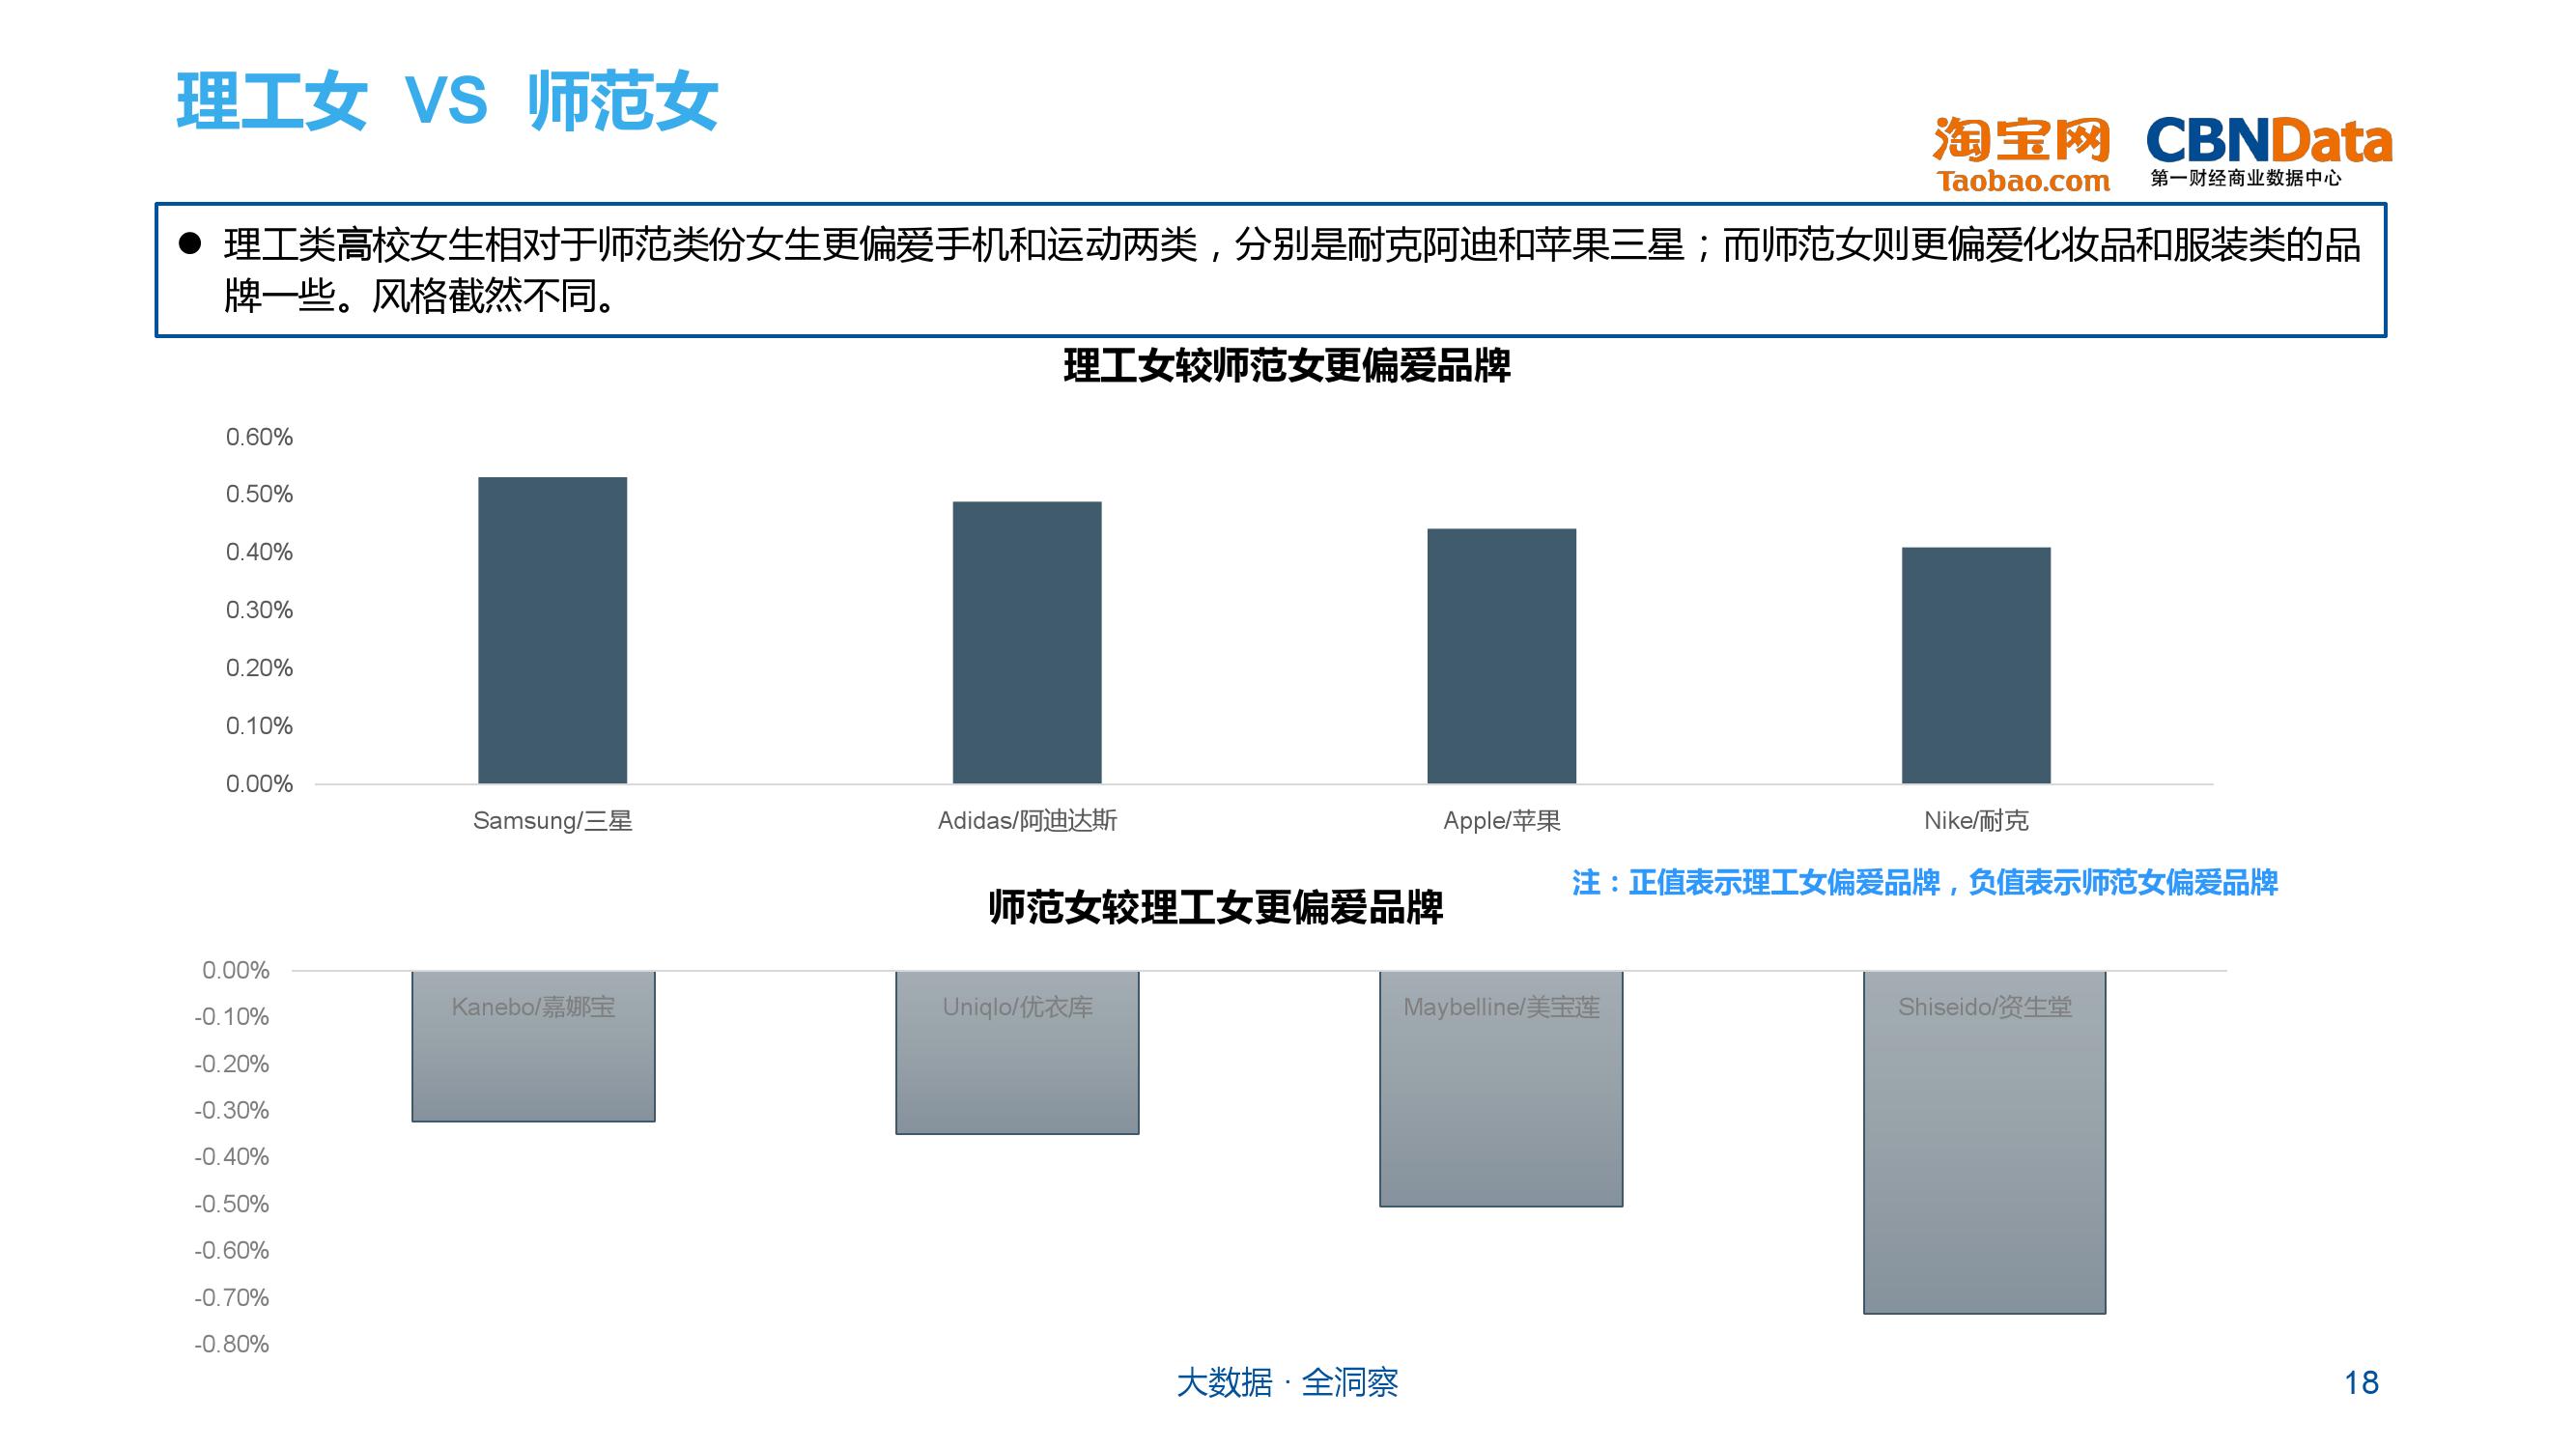 大学生群体网购行为分析_000018